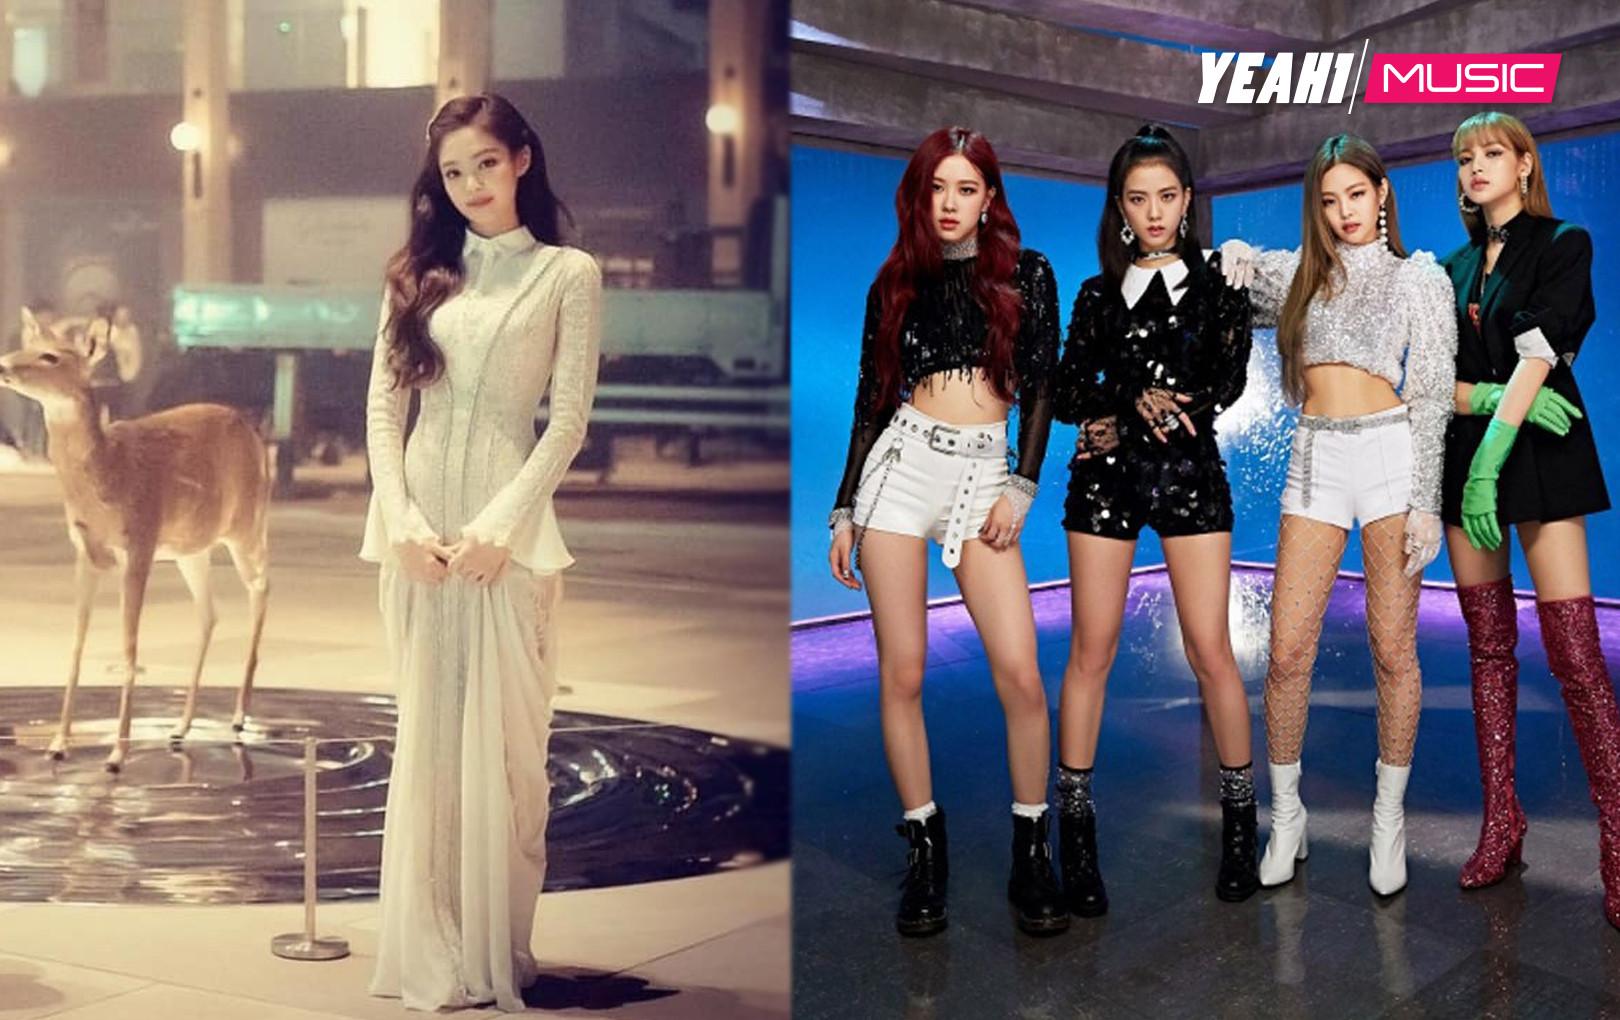 Chưa kịp comeback, fan tức giận vì Black Pink bị biến thành 'Jennie và những người bạn'